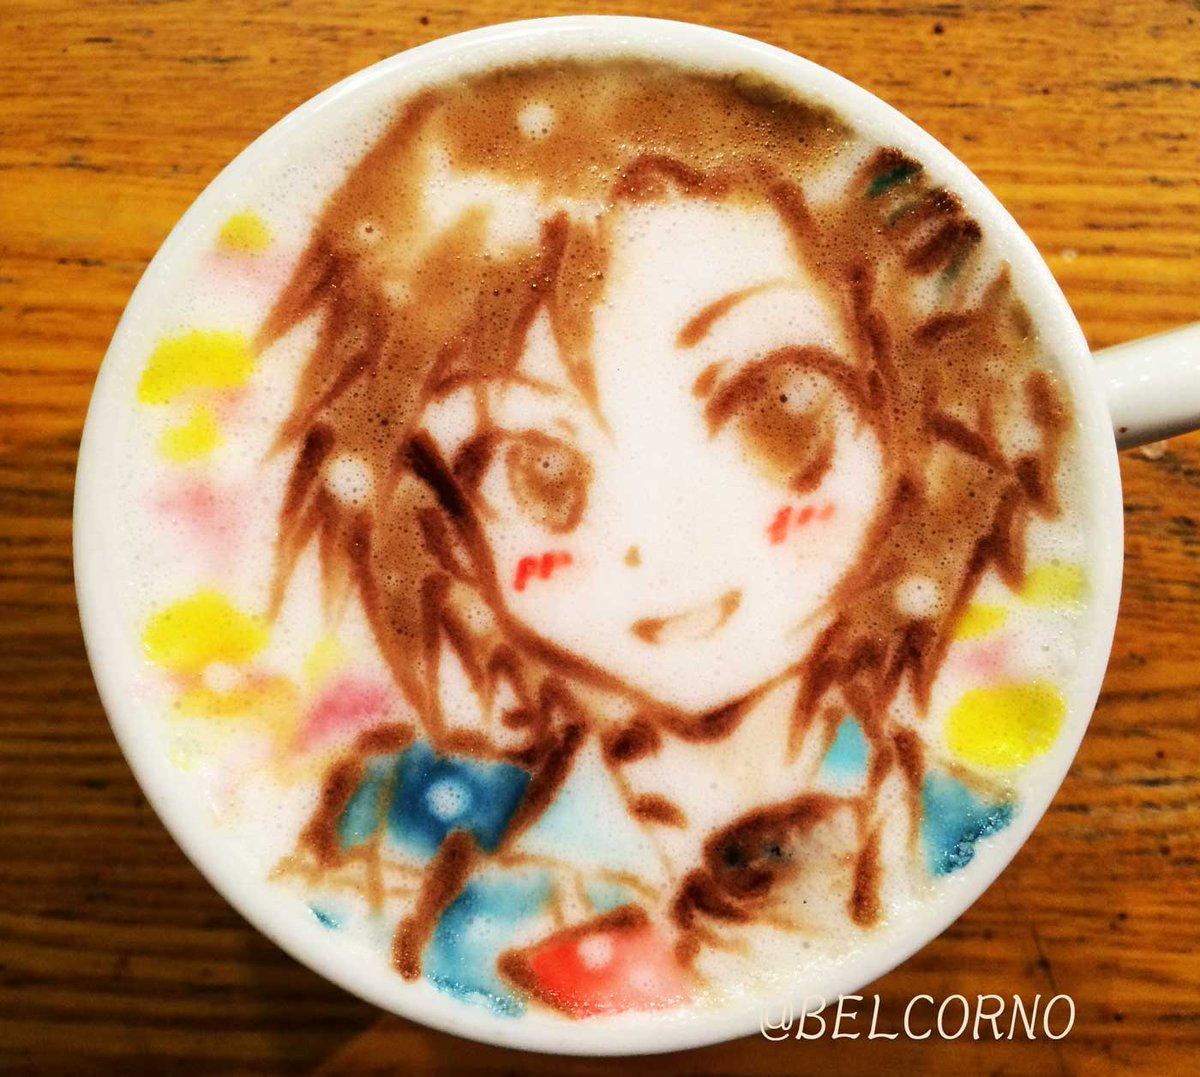 http://twitter.com/BELCORNO/status/637279418759536640/photo/1